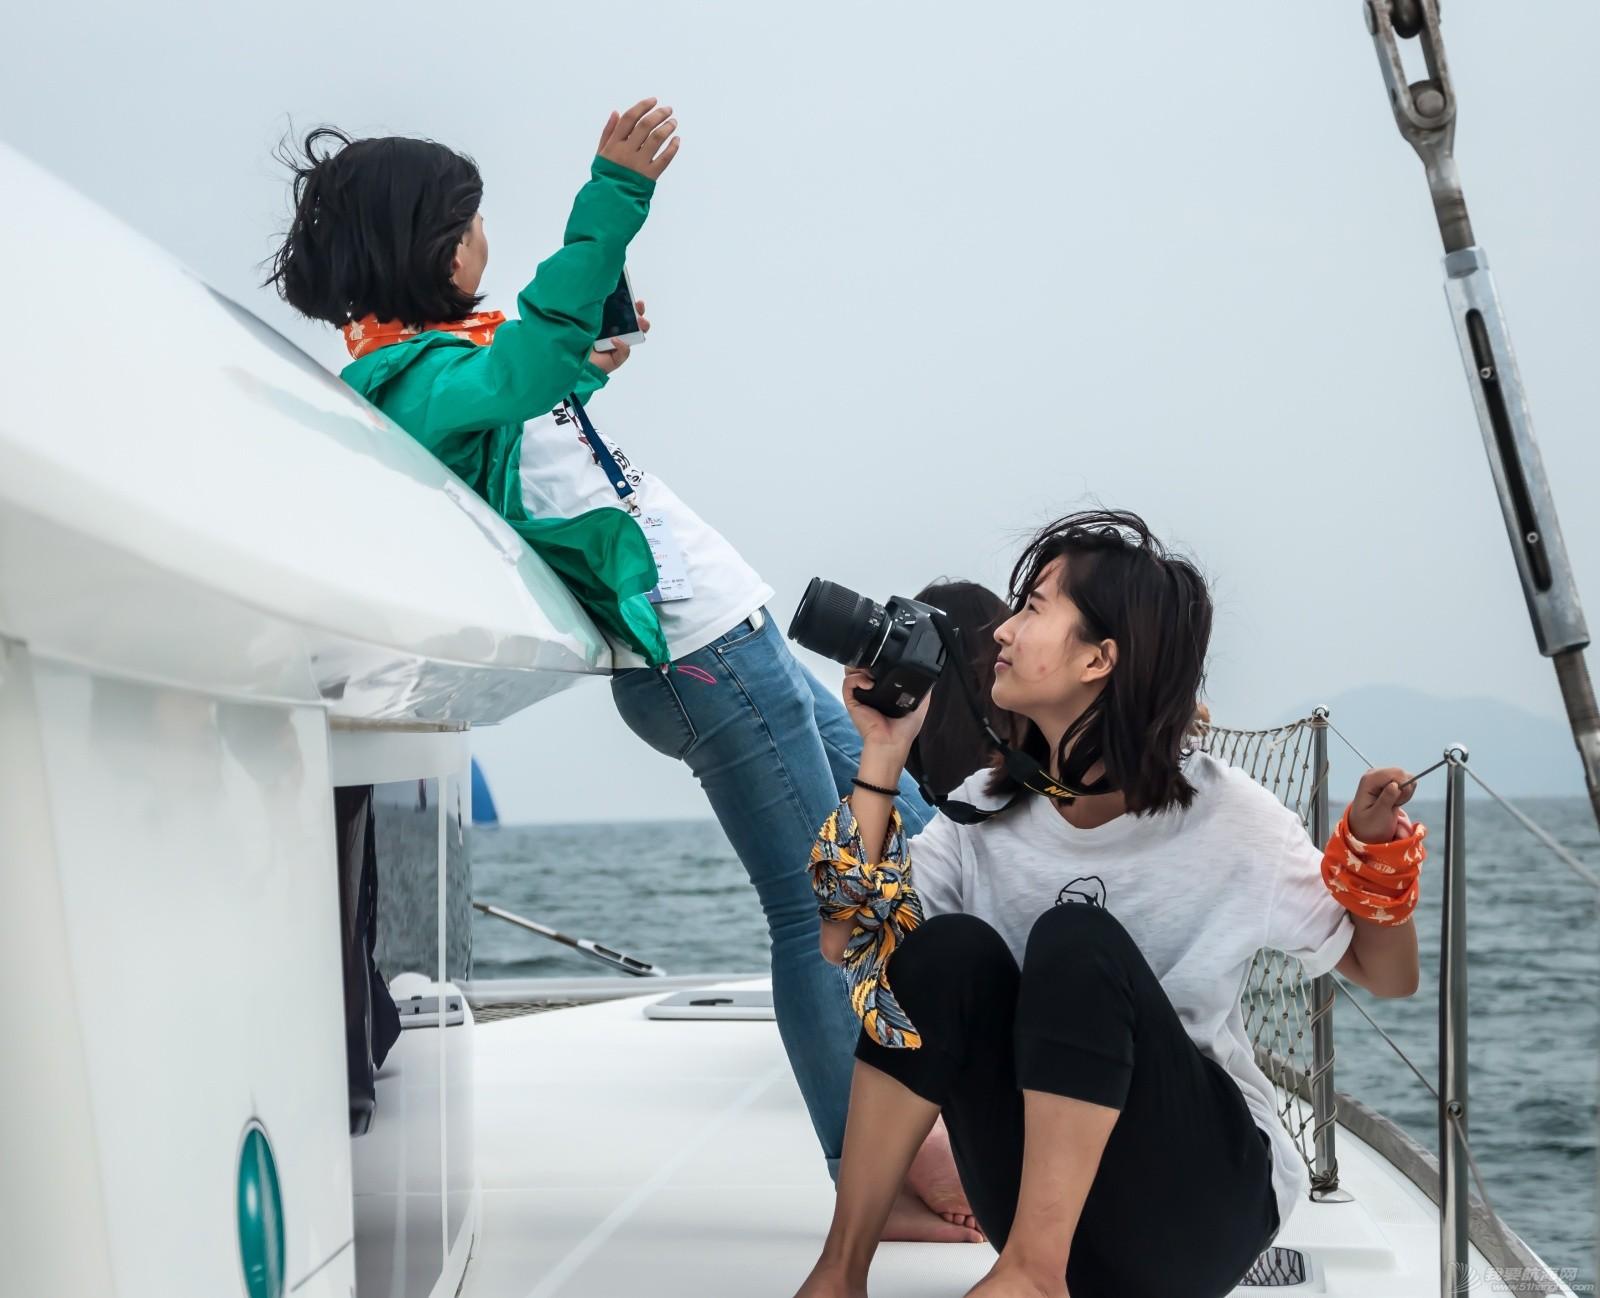 美女 【2015大鹏杯帆船赛】赛场美女 s018.jpg